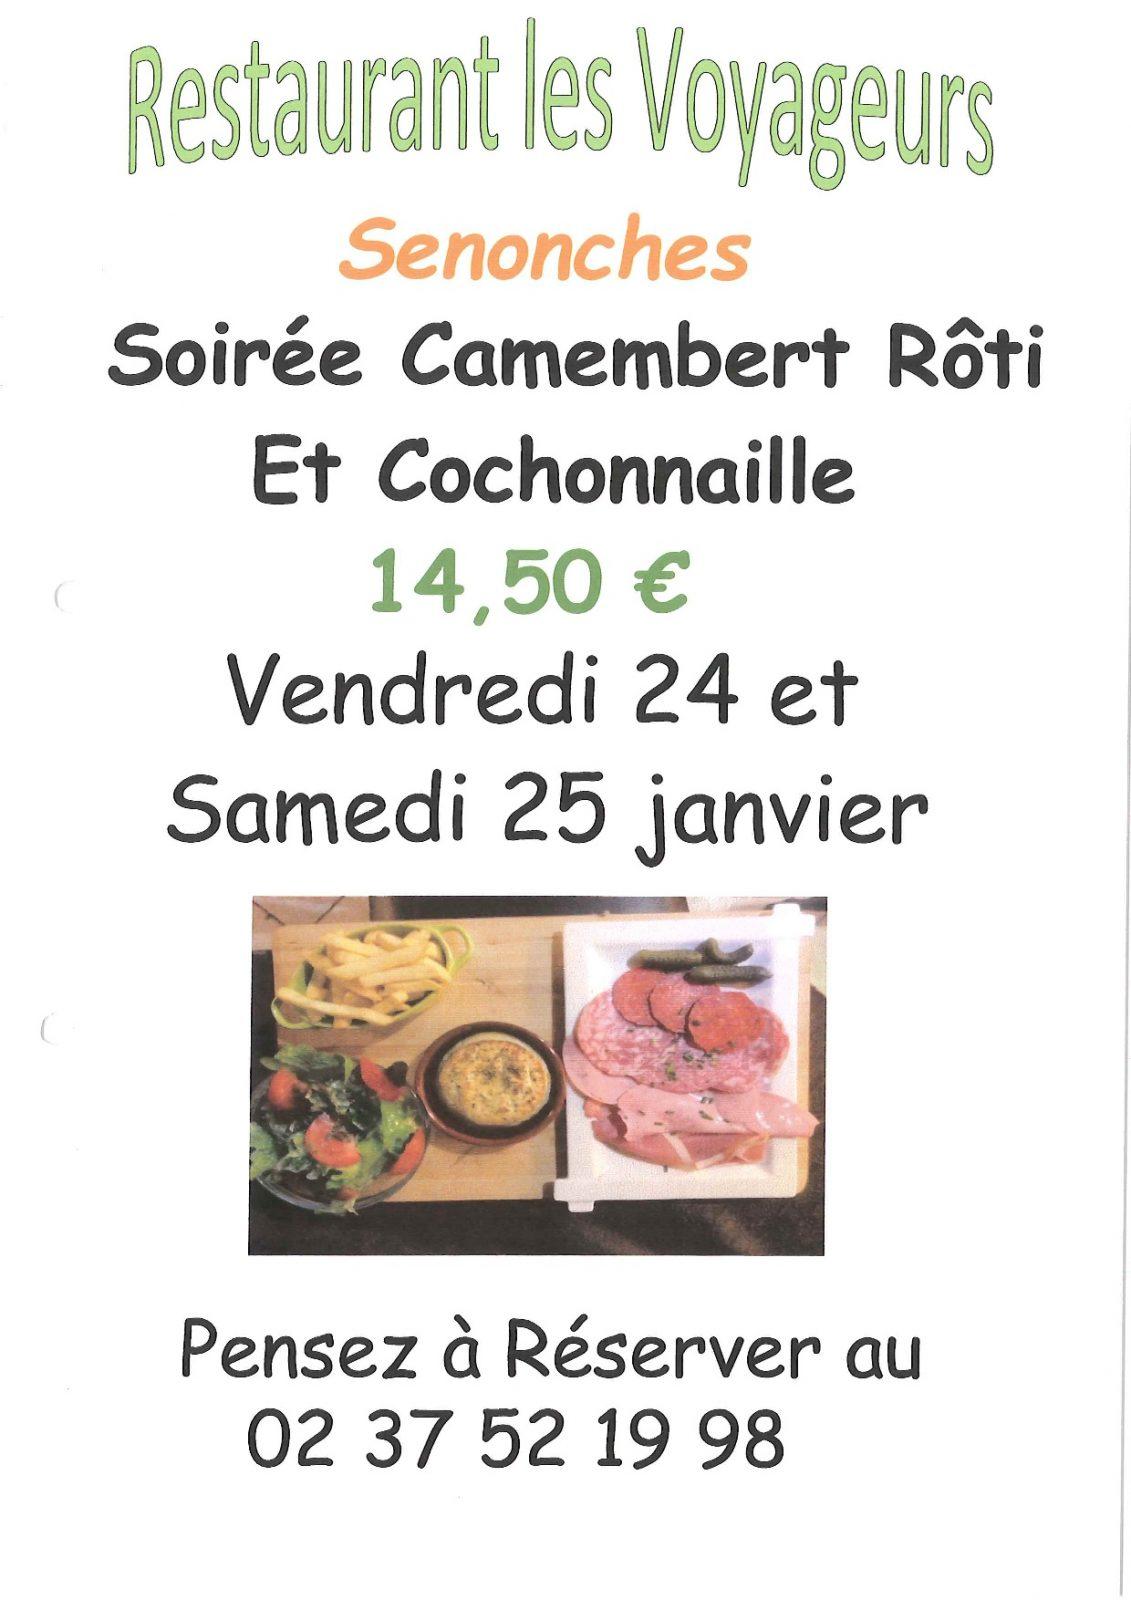 Soirée «Camembert Rôti et Cochonnaille» à SENONCHES © les voyageurs